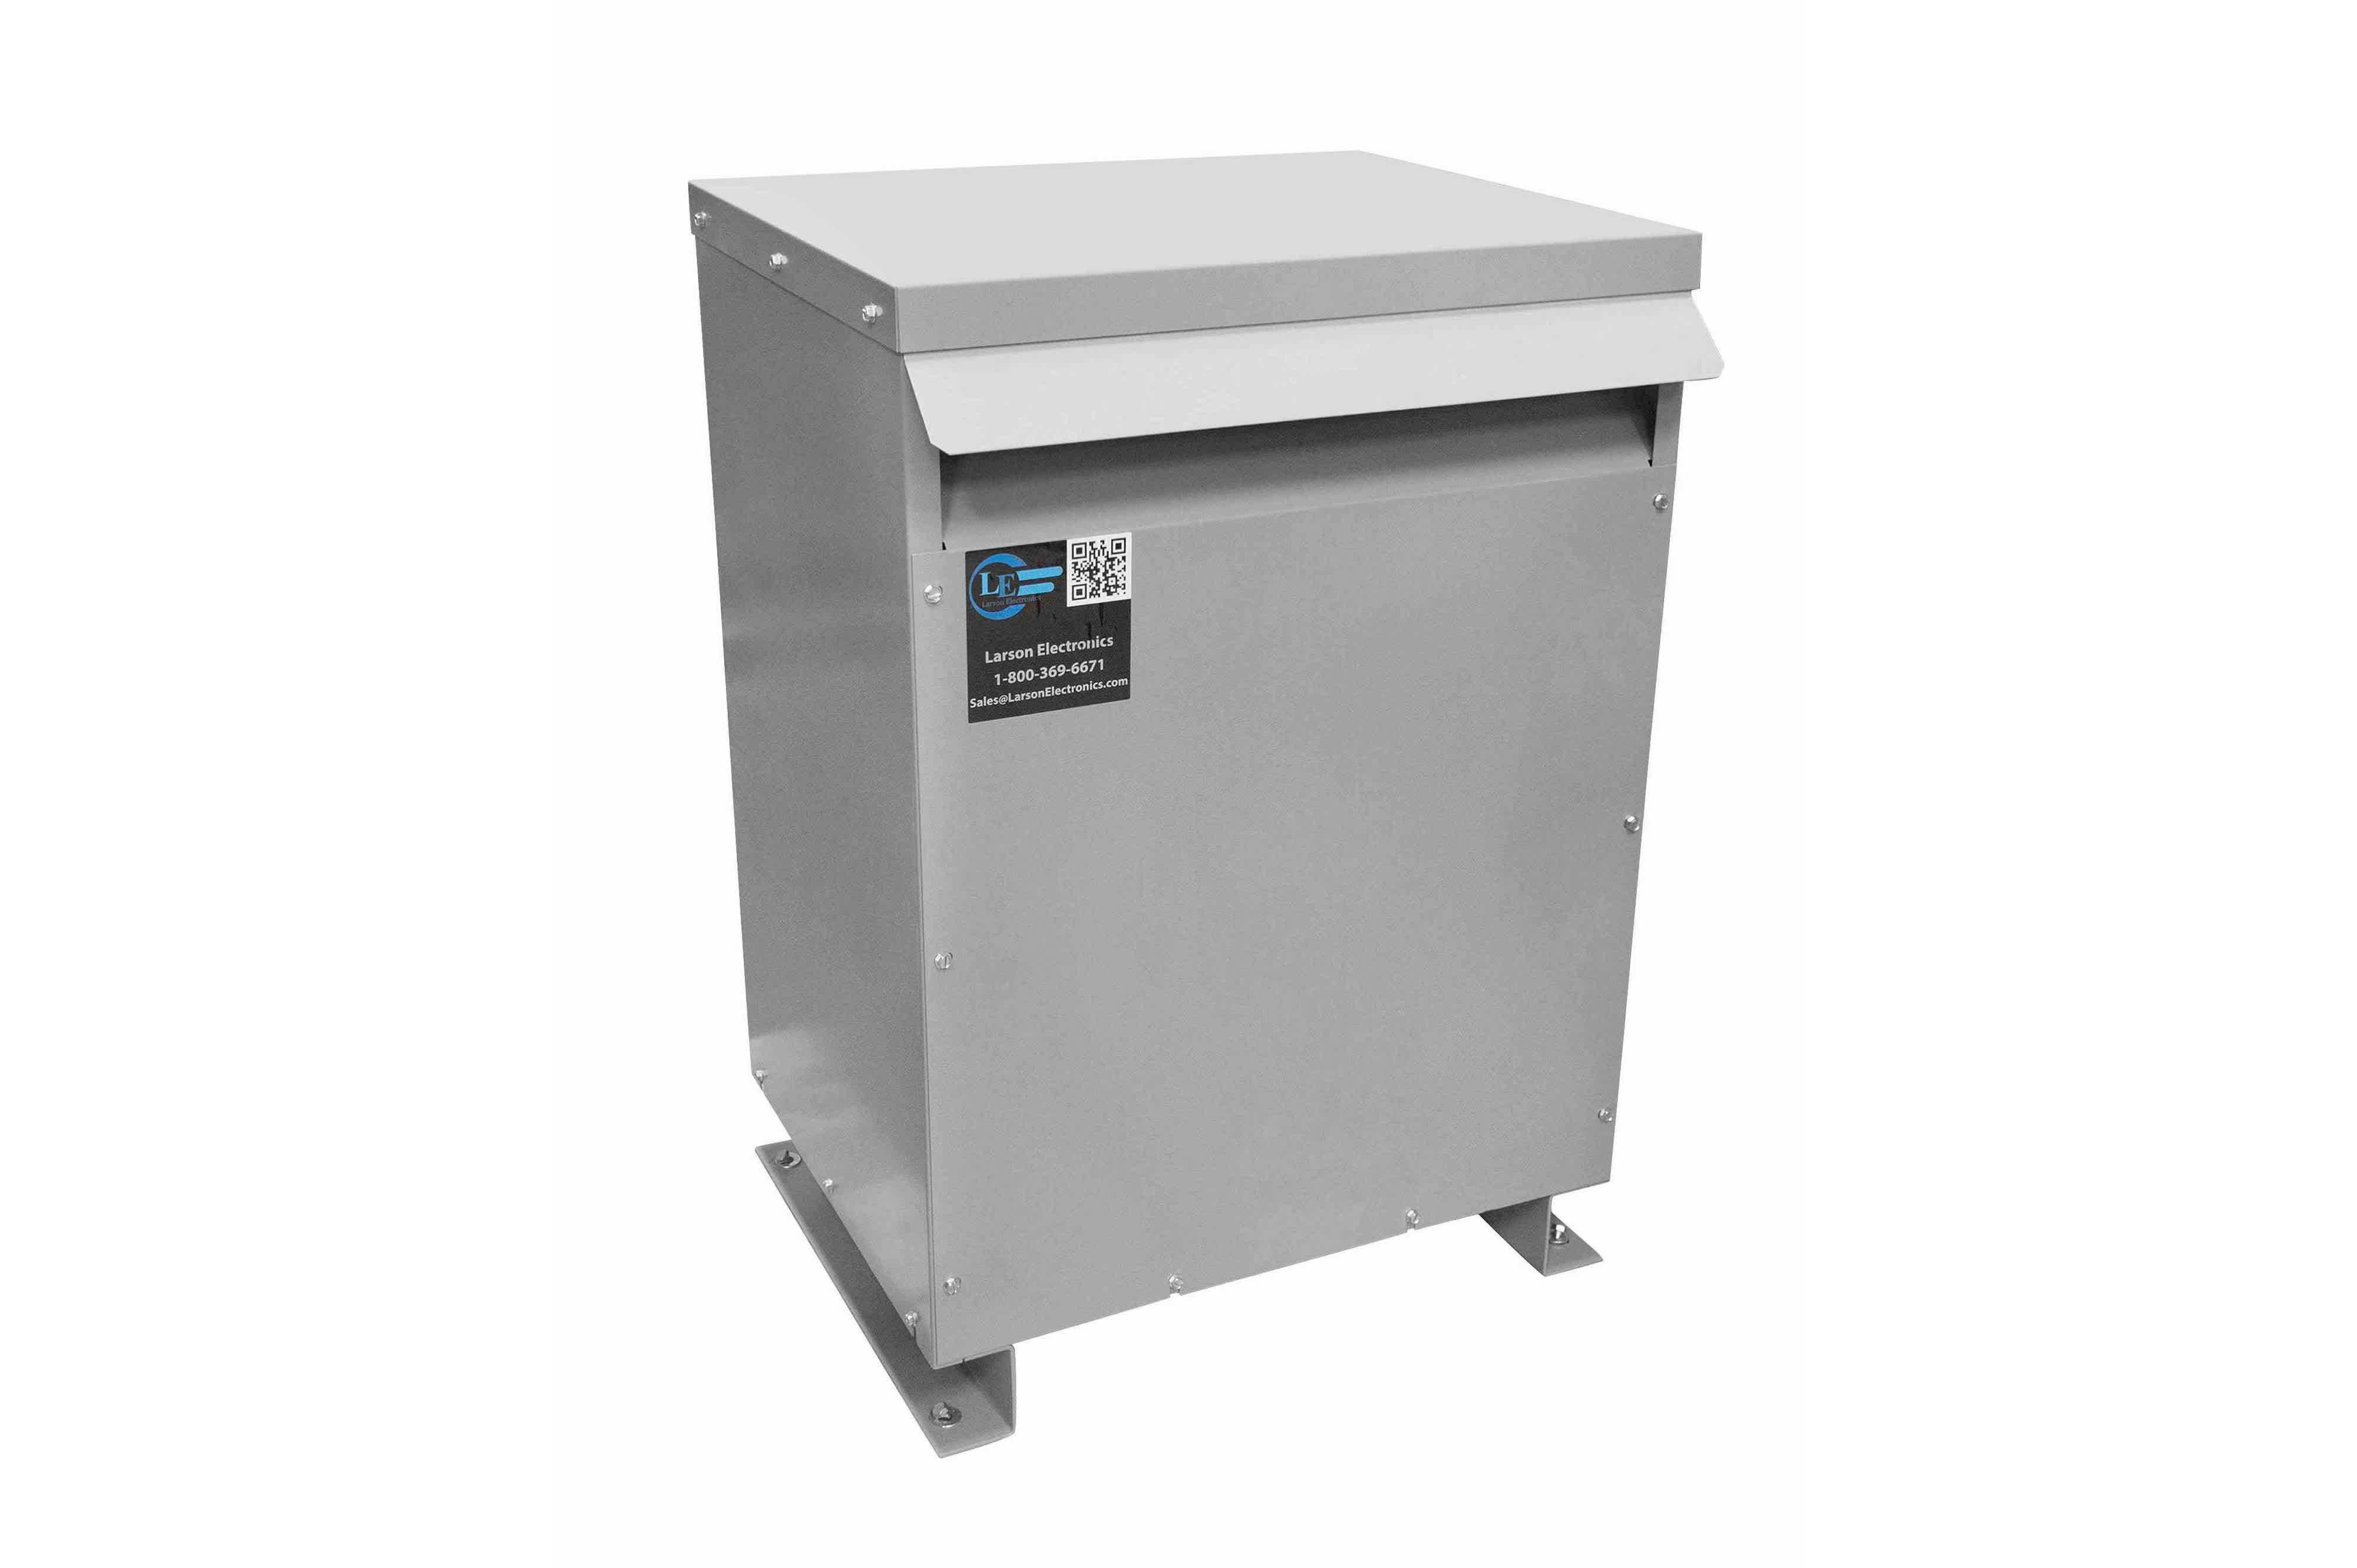 80 kVA 3PH Isolation Transformer, 380V Delta Primary, 480V Delta Secondary, N3R, Ventilated, 60 Hz